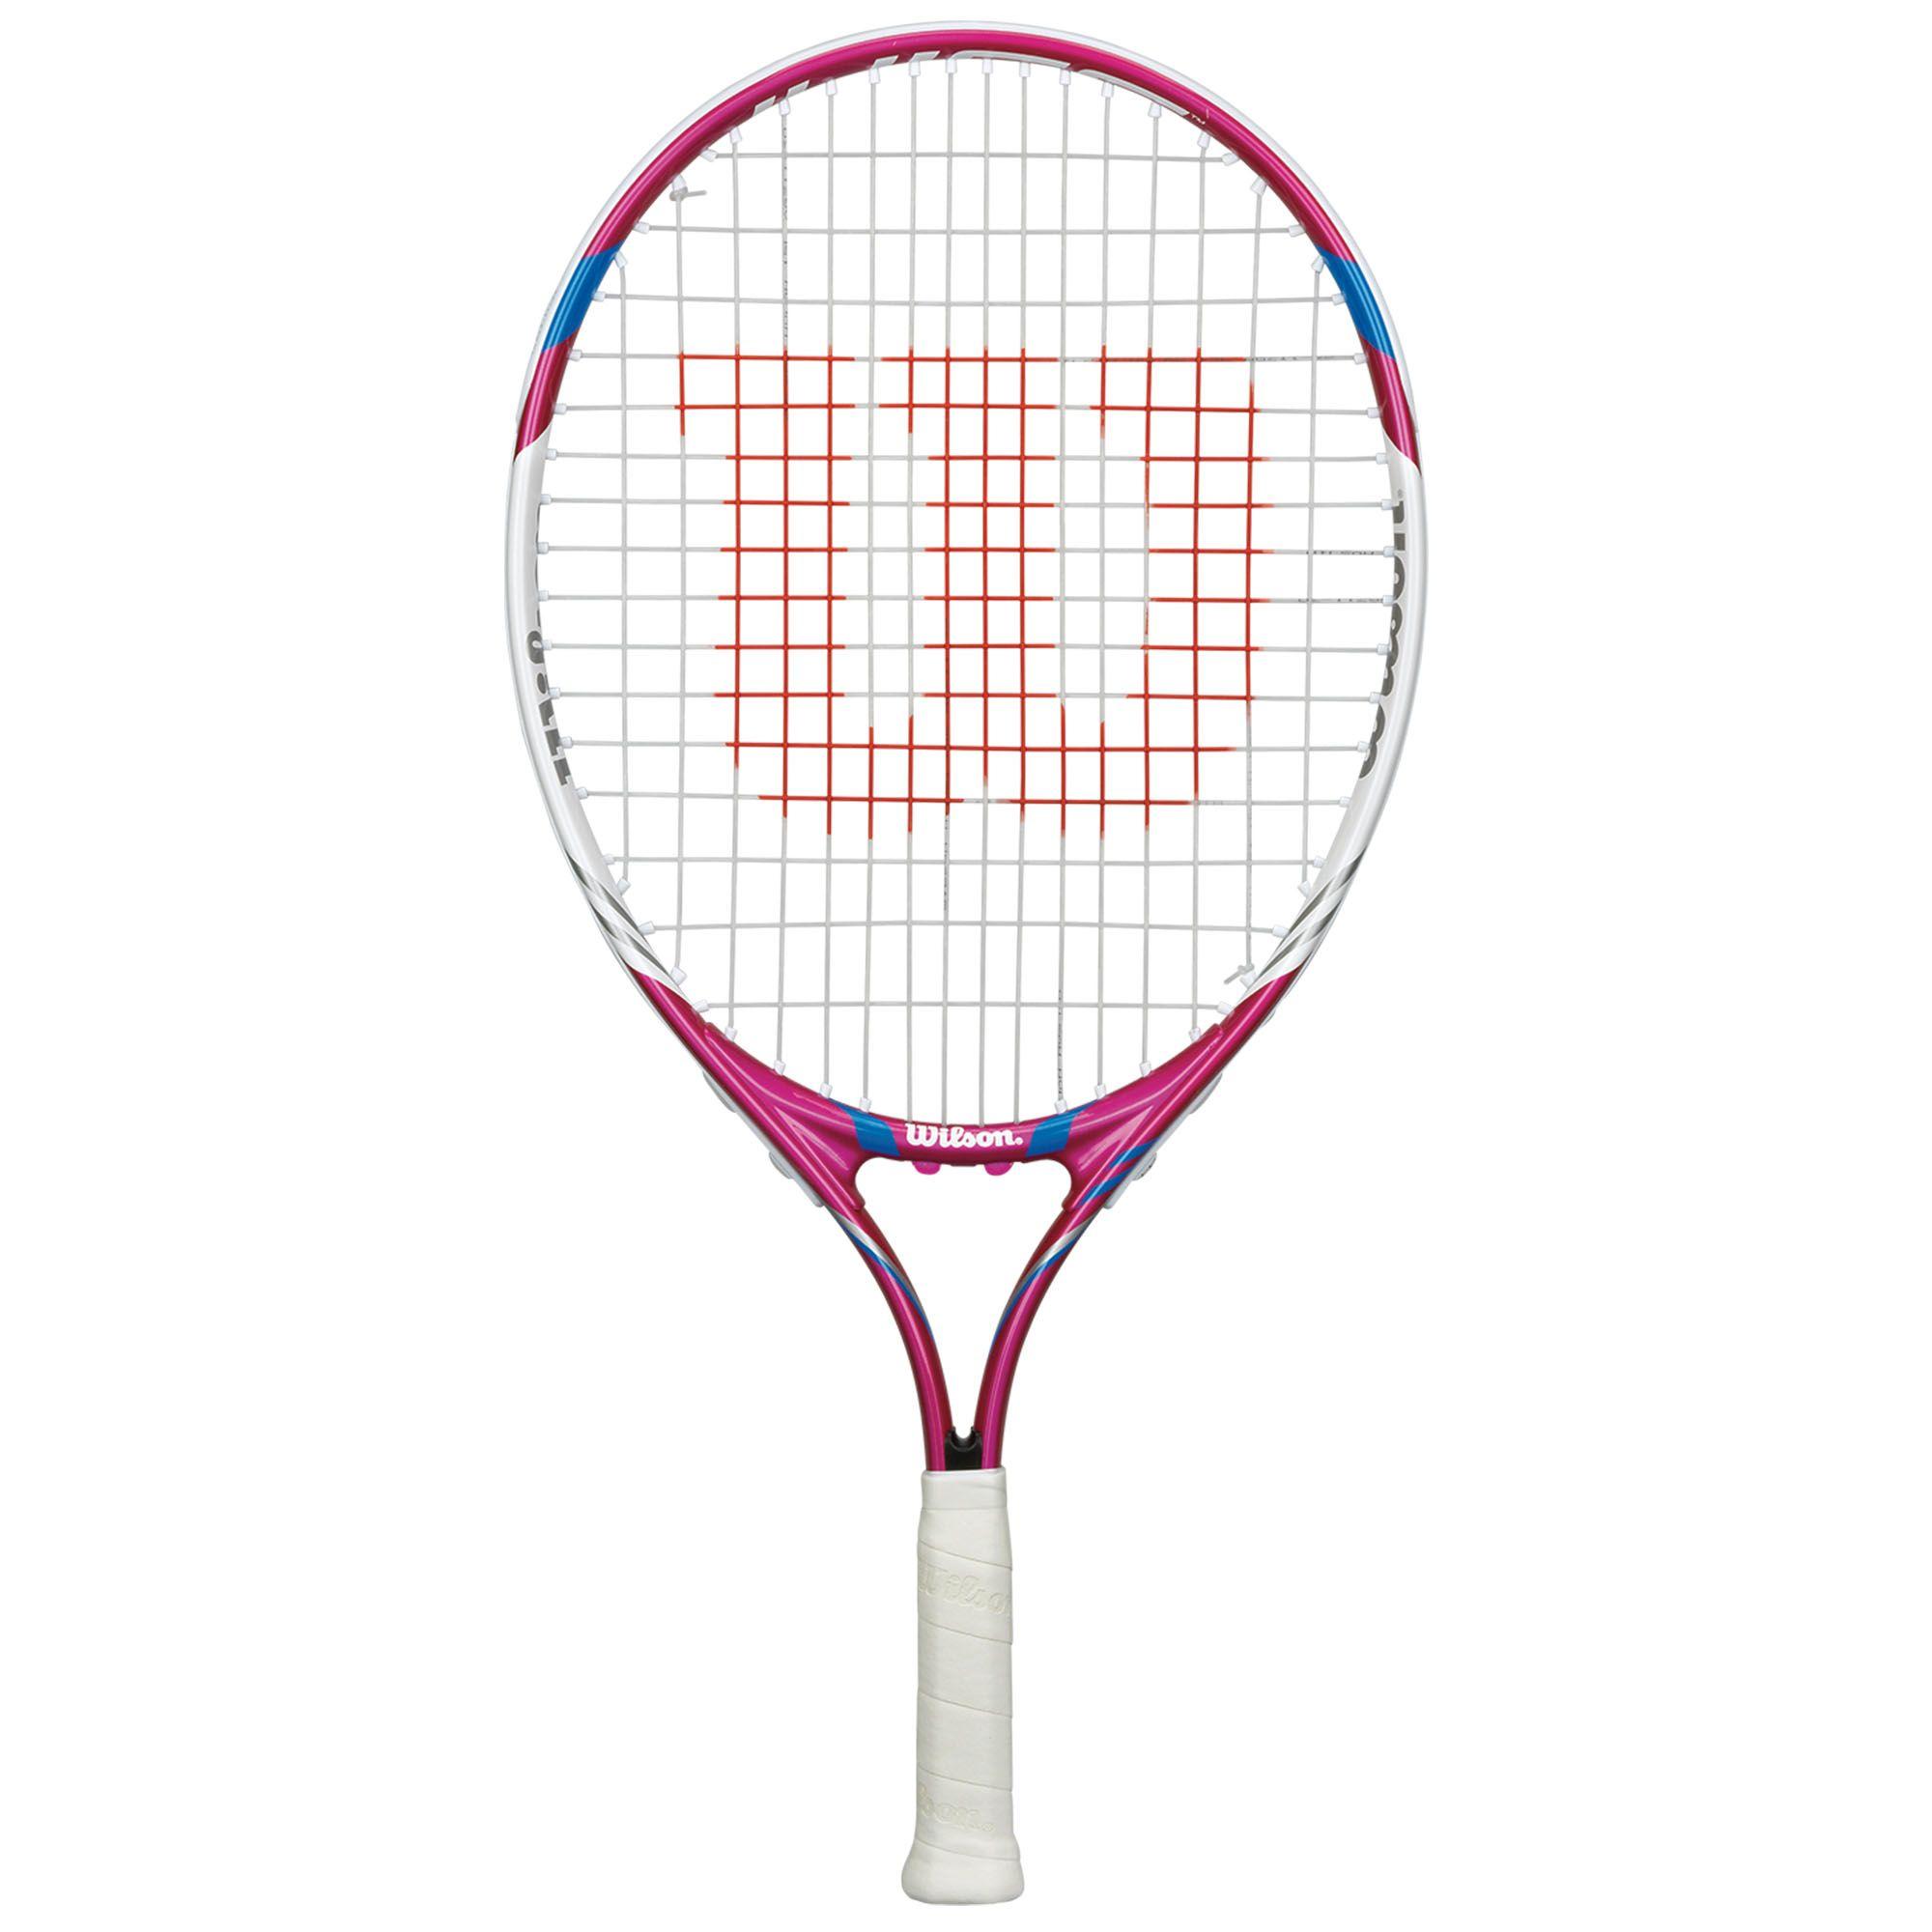 Wilson Juice Pink 21 Junior Tennis Racket - Sweatband.com